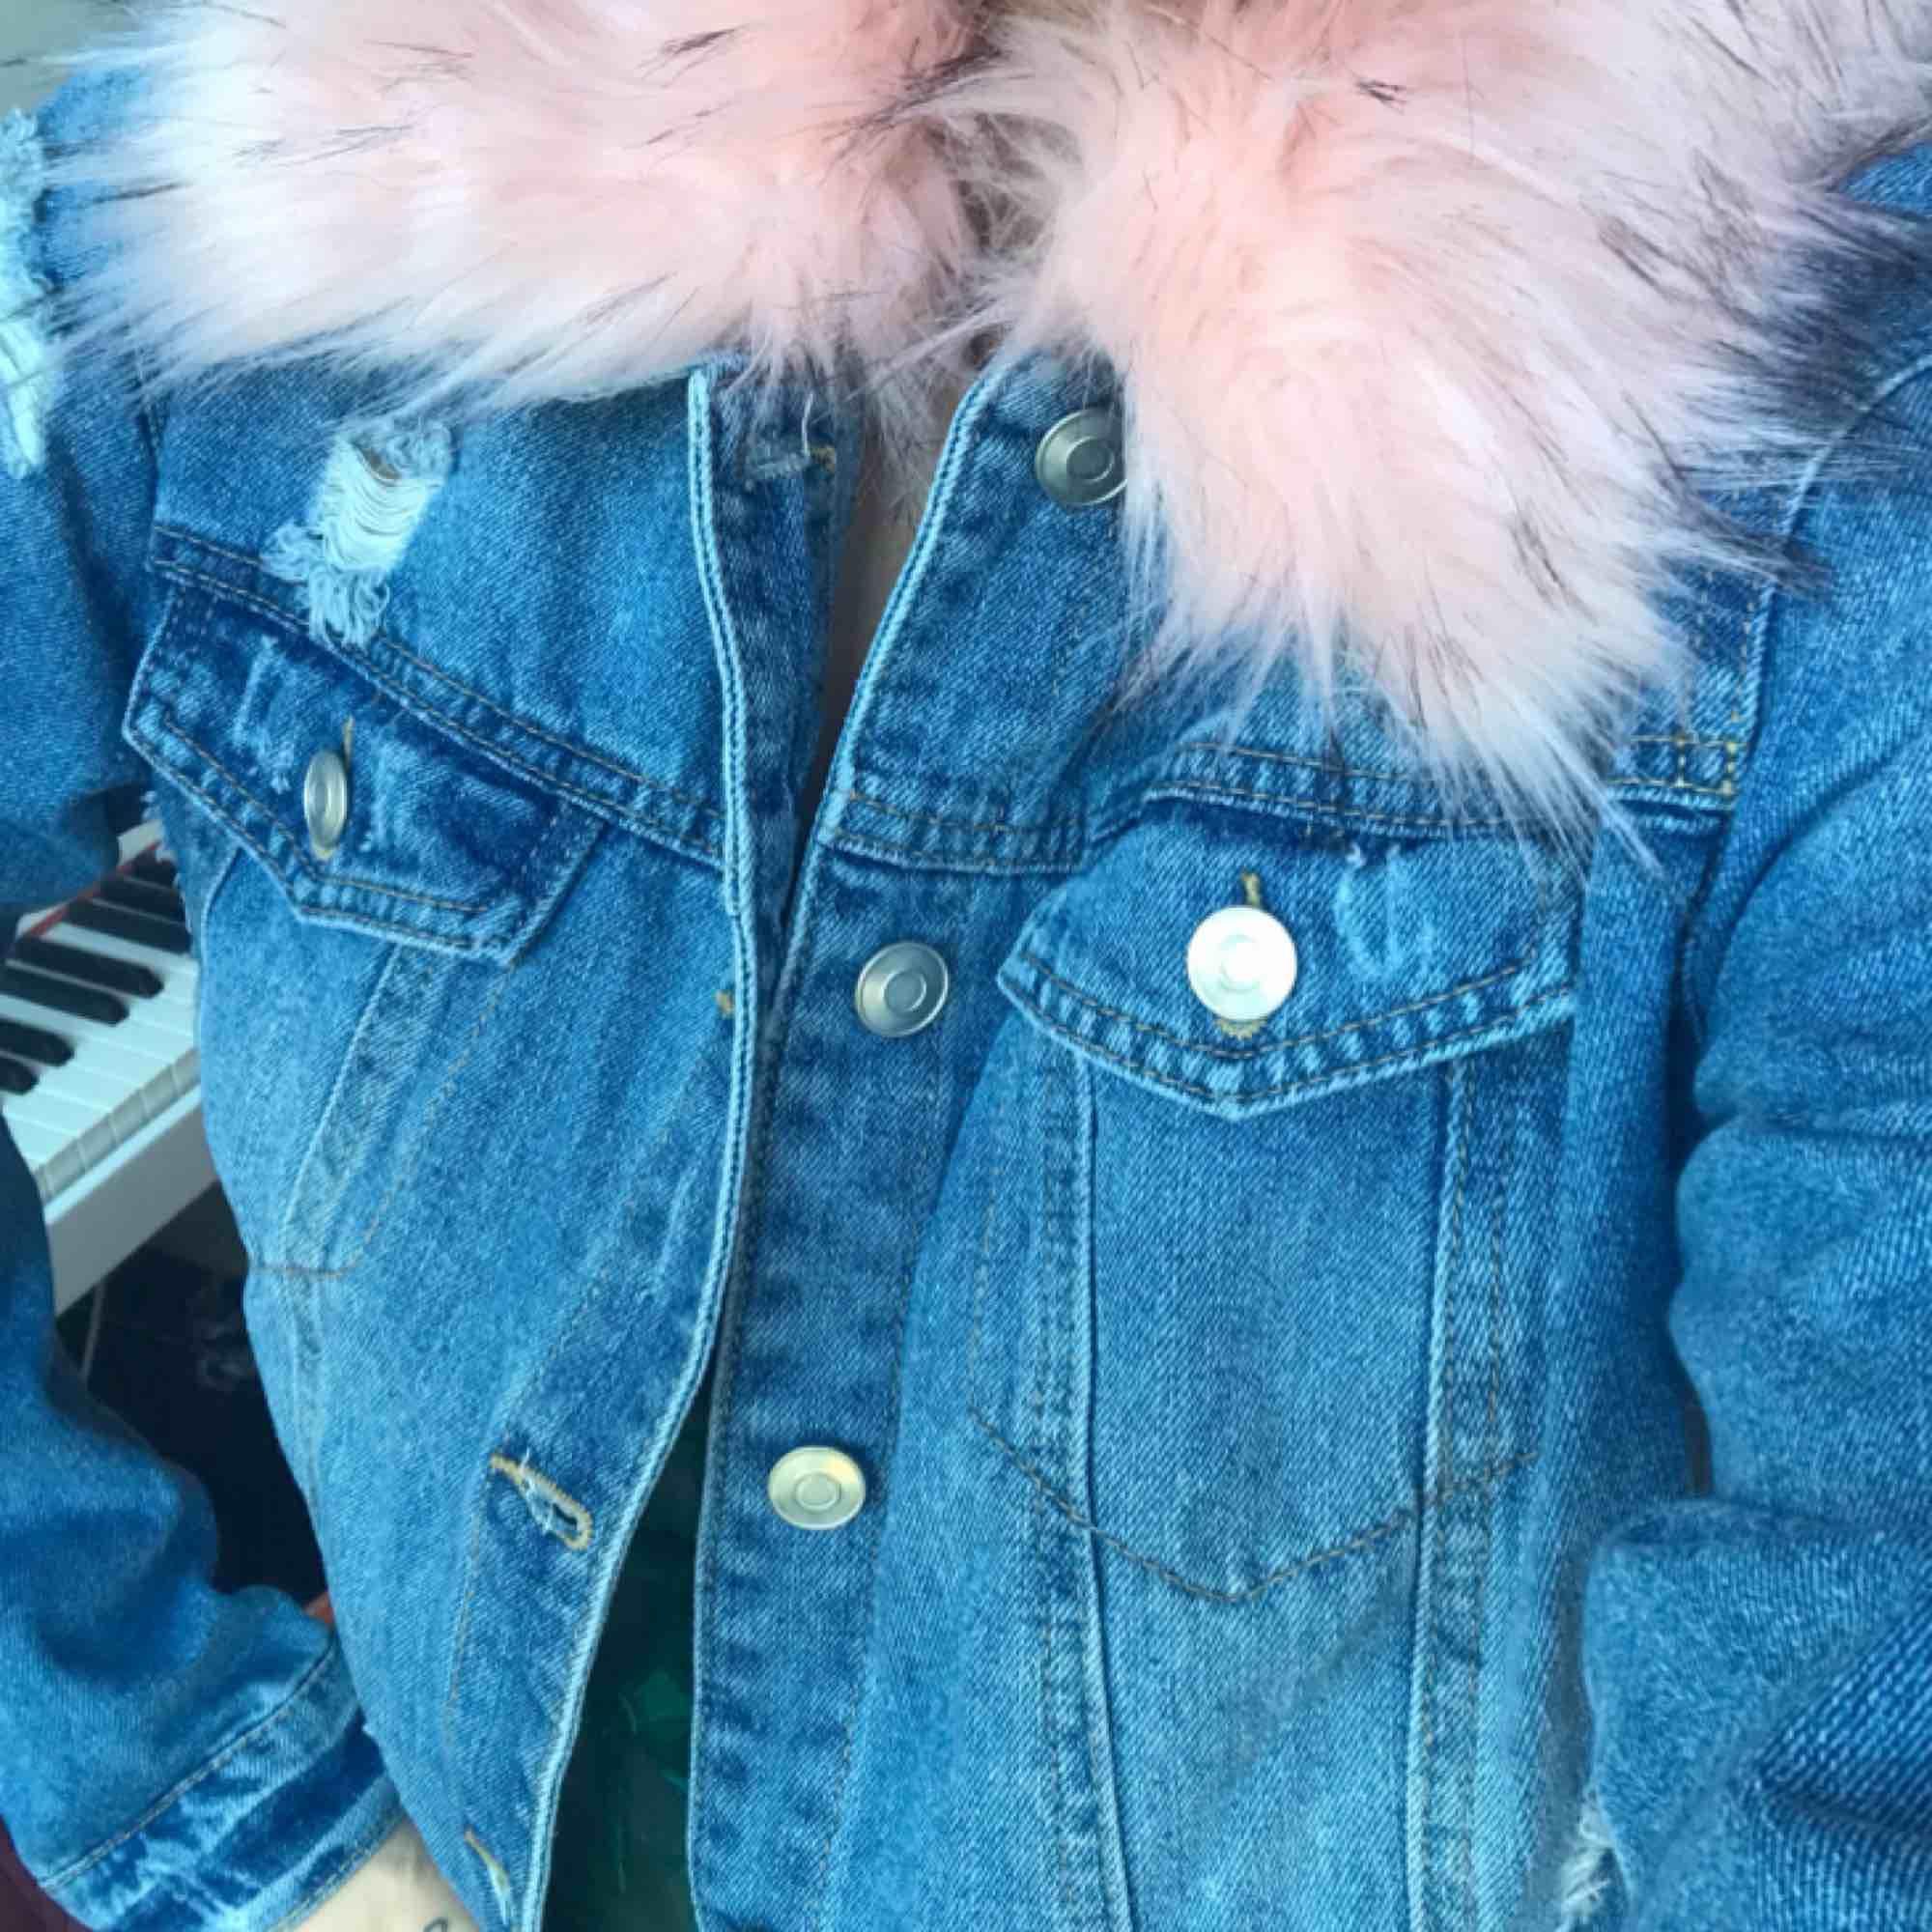 """Oanvänd jeansjacka m rosa fuskpäls från Forever 21! """"Sliten"""" look dvs hålen osv är med mening. Perfekt skick! Bild 1 är i dagsljus så den är mest fair i hur färgerna ser ut irl. 300:- plus frakt el möts upp i Stockholm. DMa för köp! 💋💋💋. Jackor."""